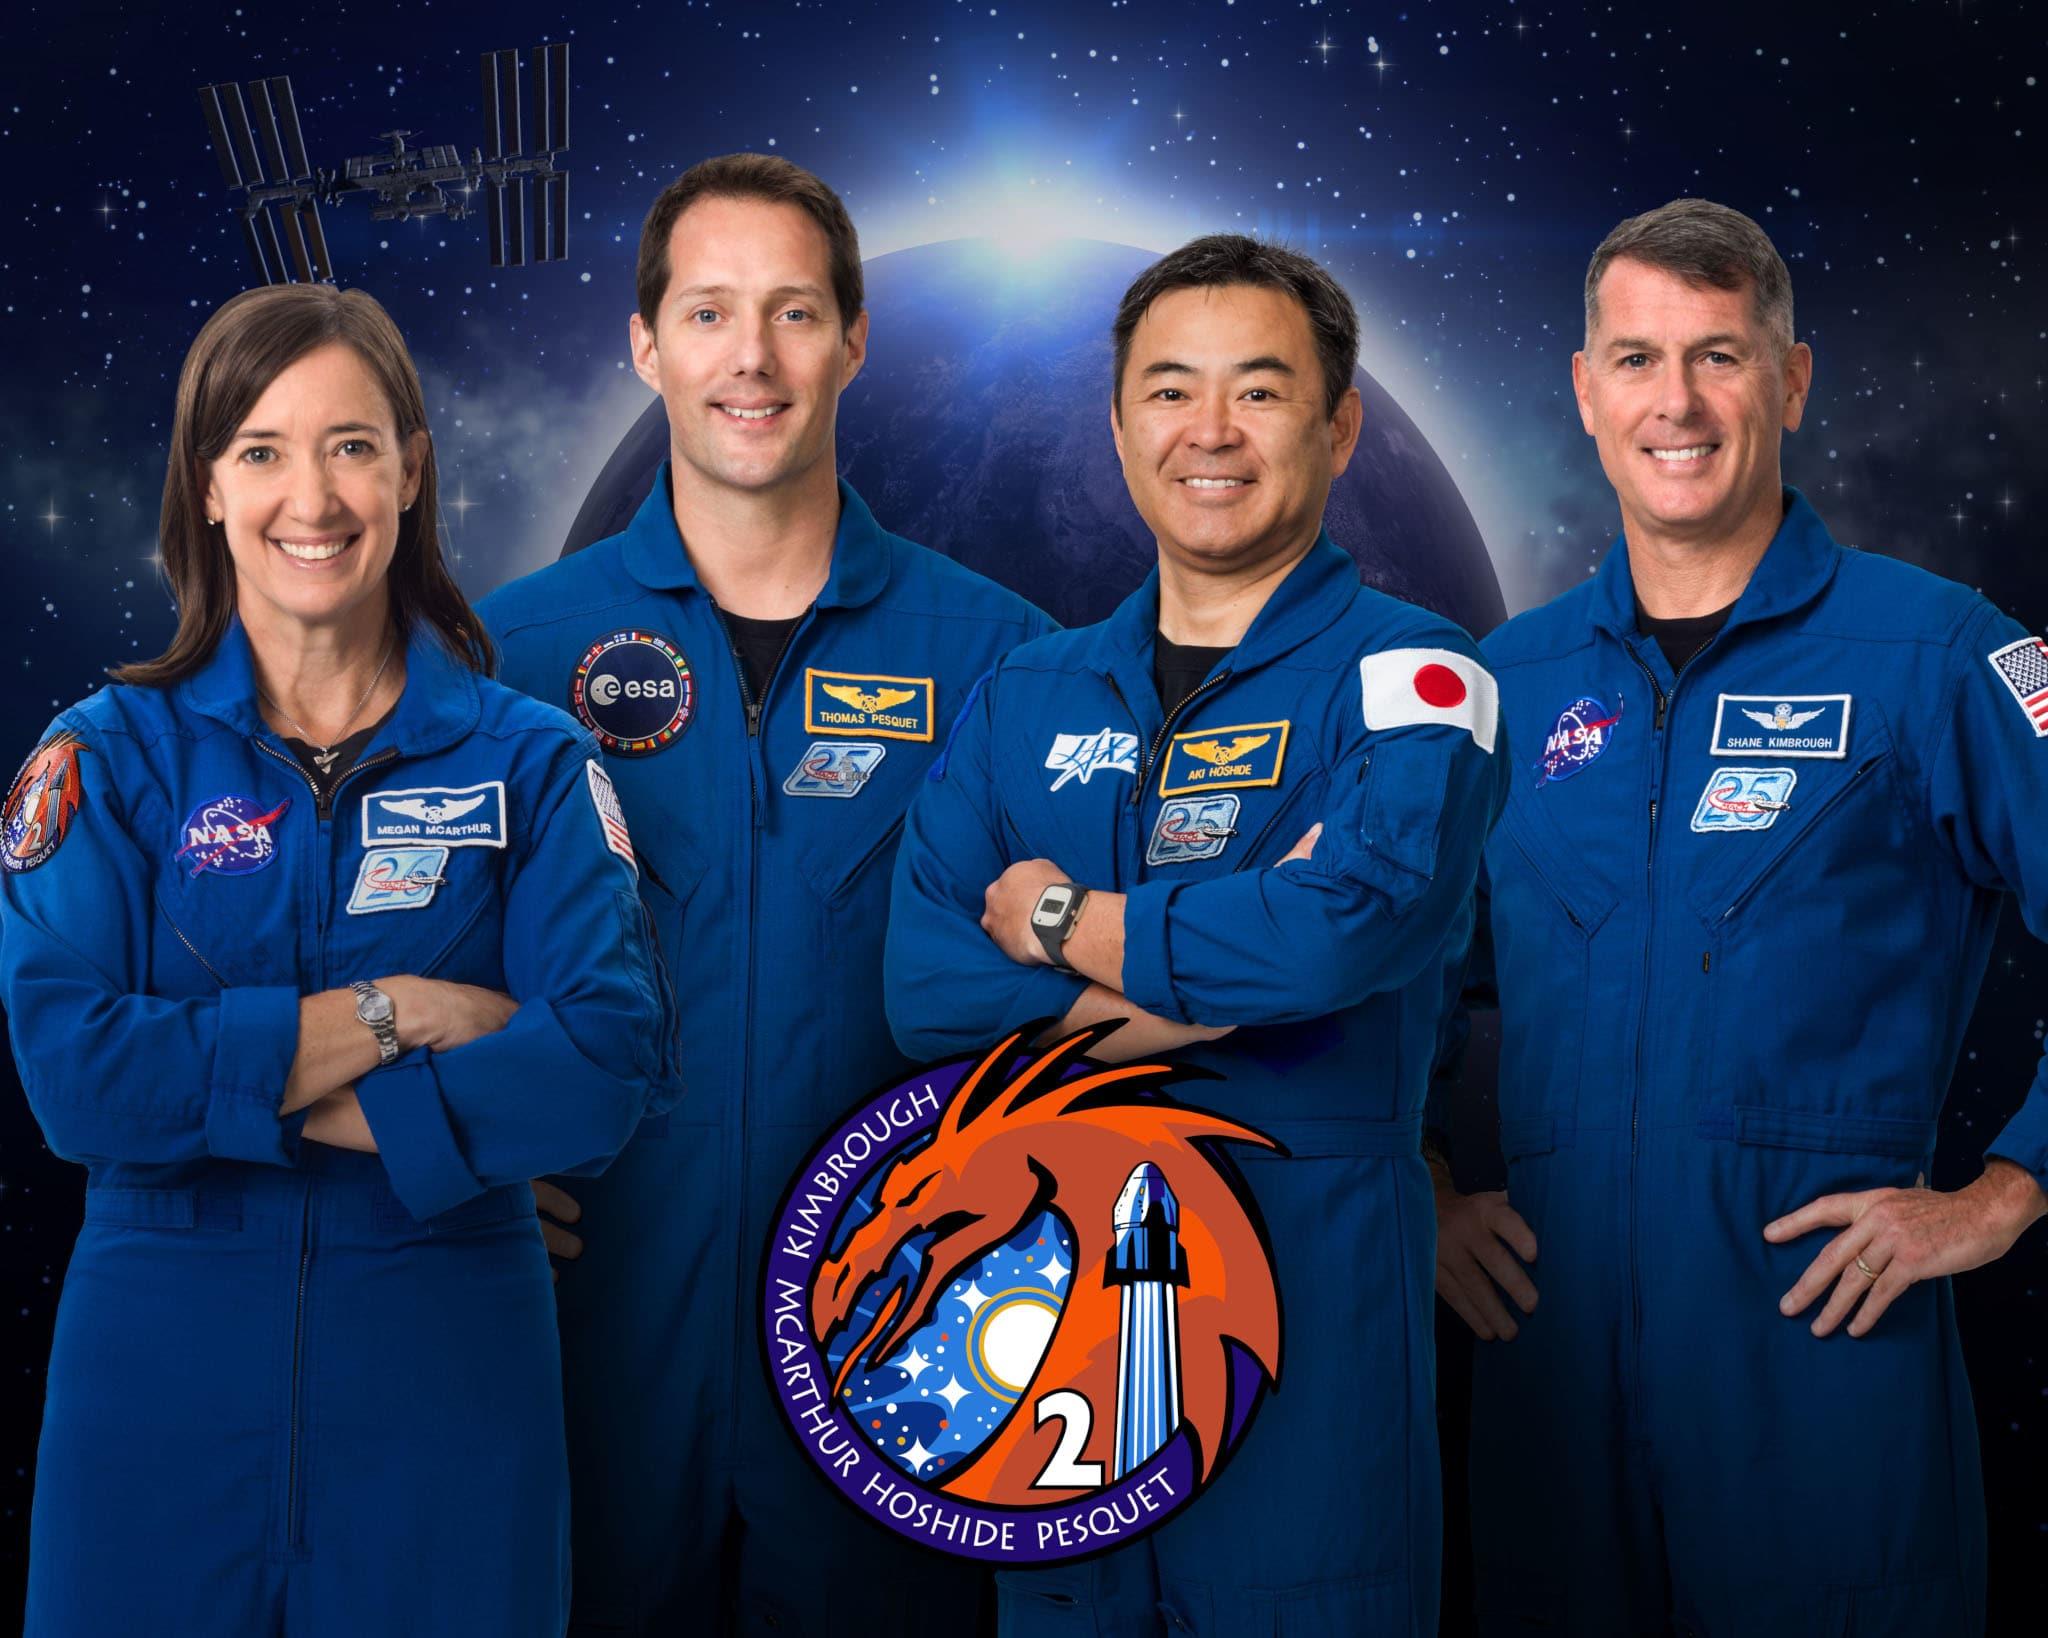 Ao vivo: Olhar Digital vai mostrar a decolagem da missão Crew-2 da Nasa